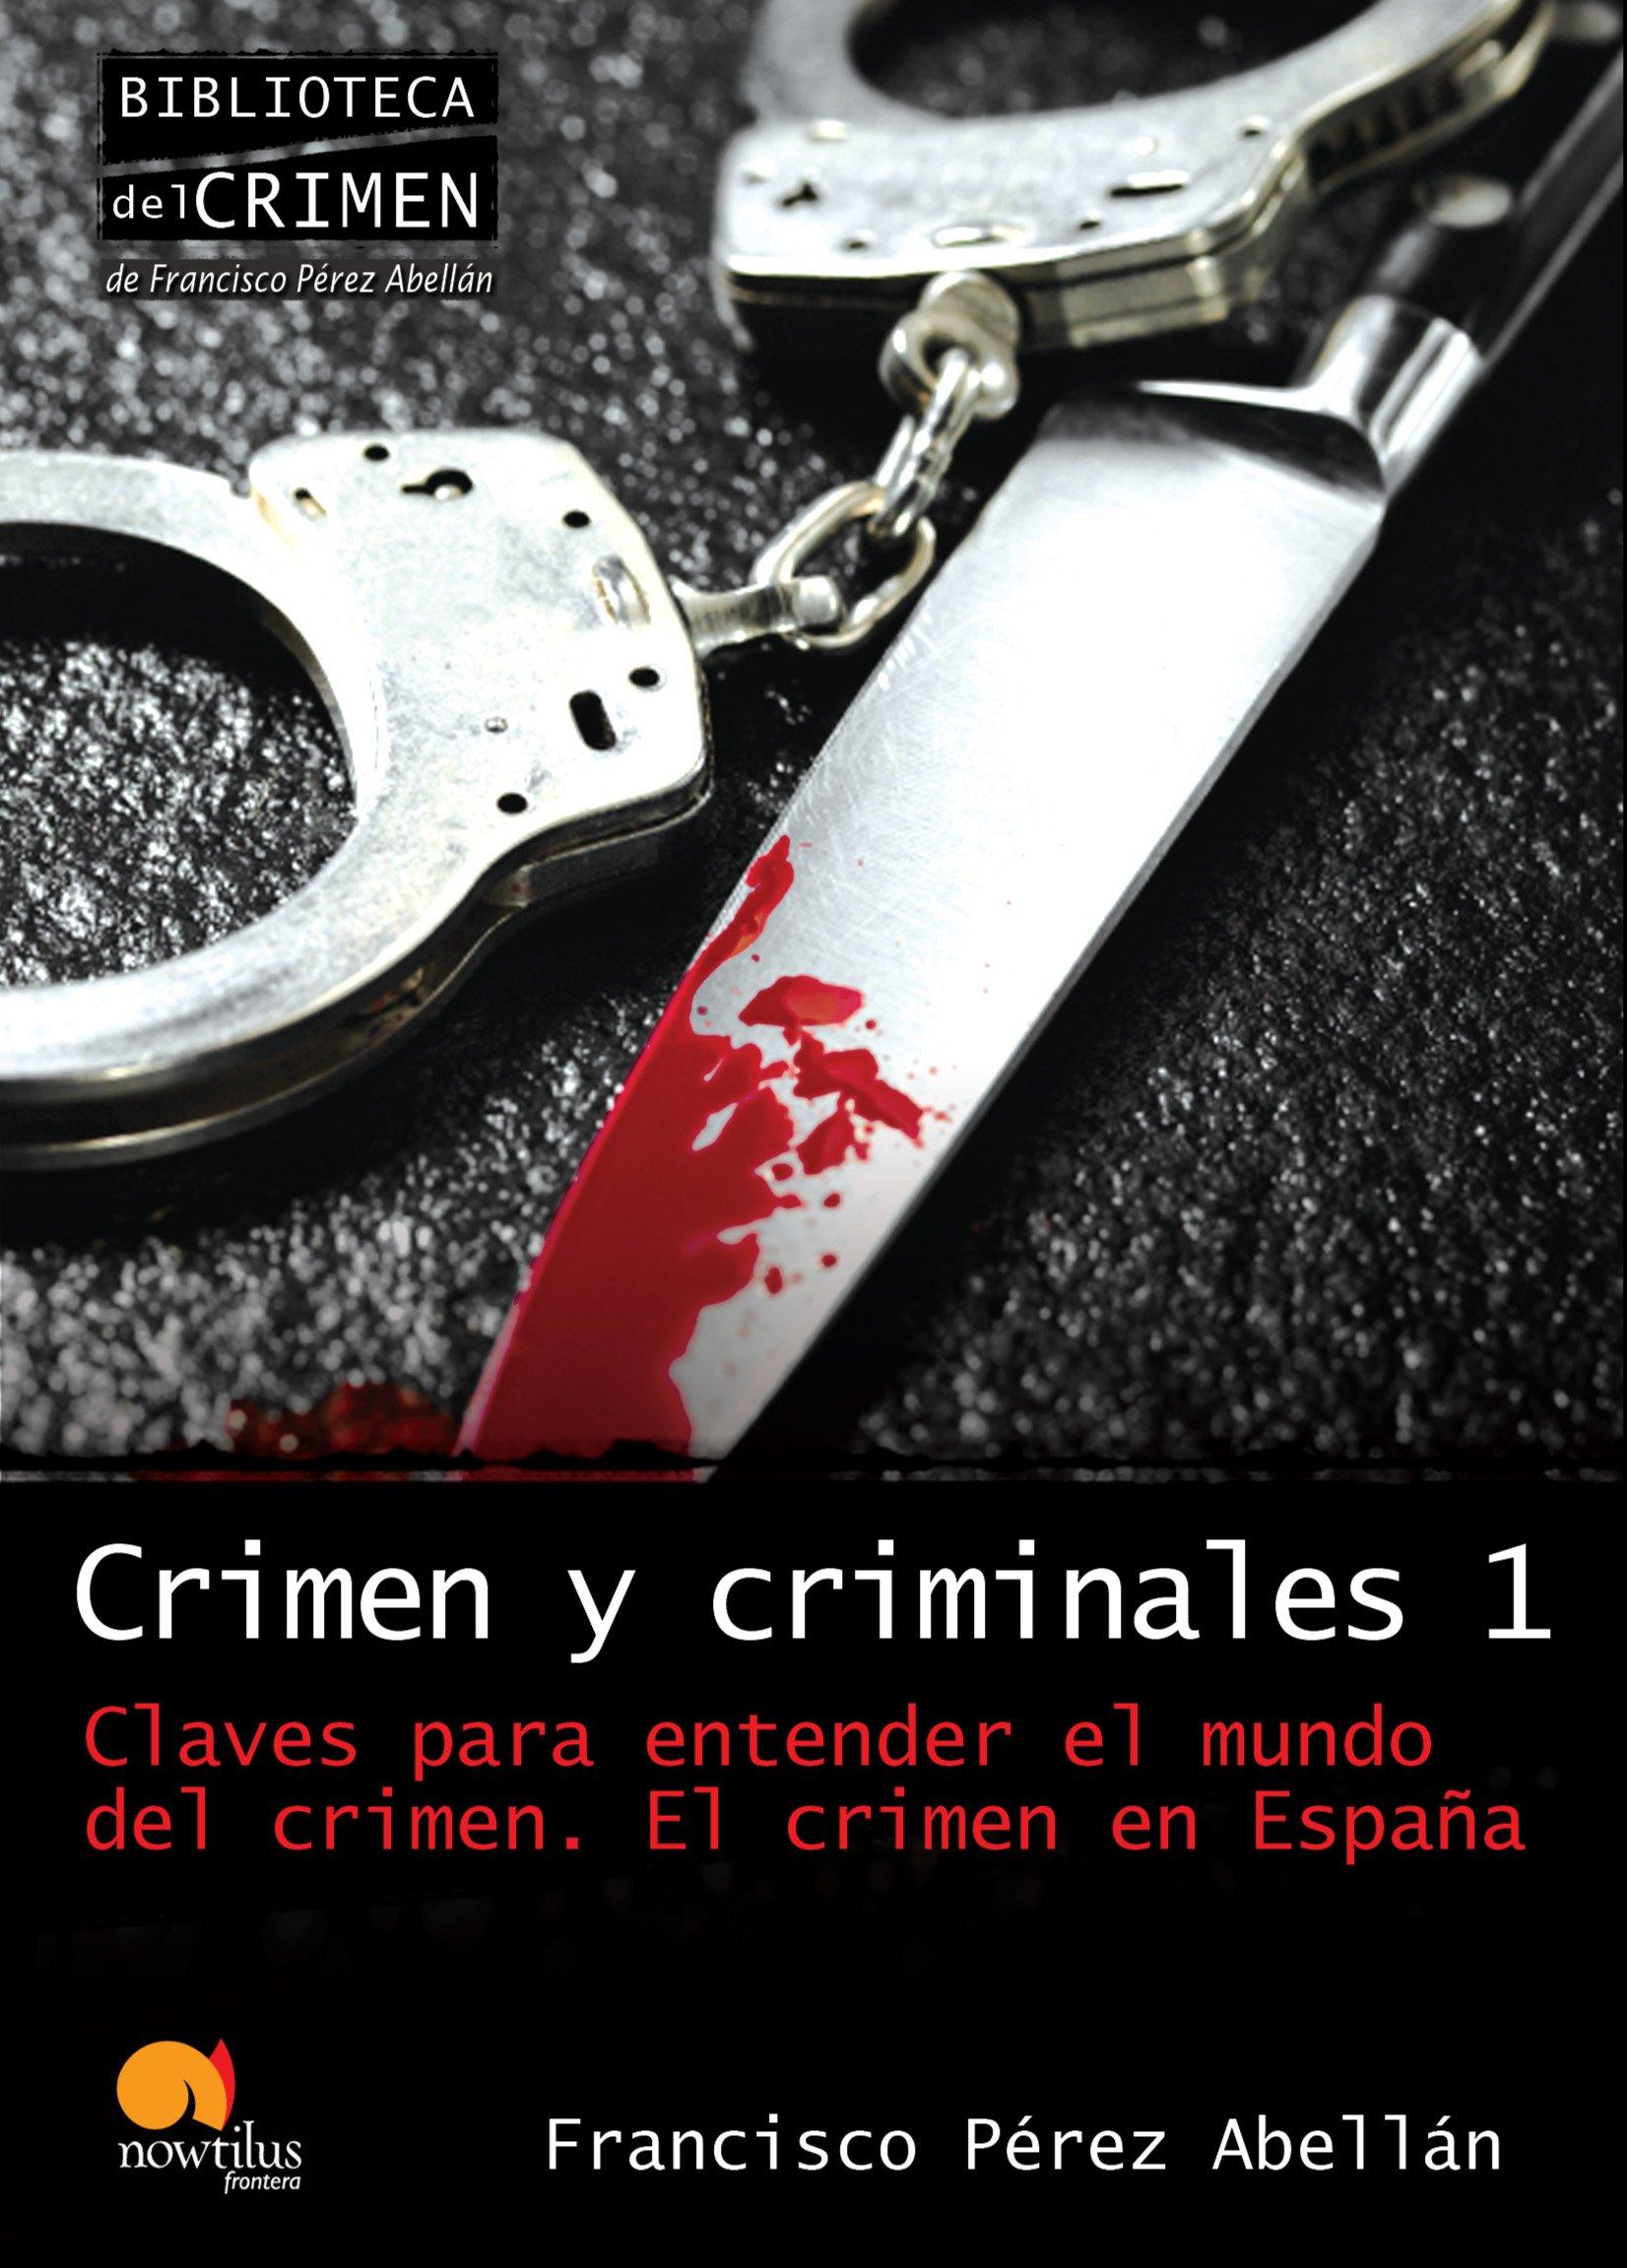 Crimen y criminales I: El crimen en España: 1 Biblioteca del crimen: Amazon.es: Pérez Abellán, Francisco: Libros